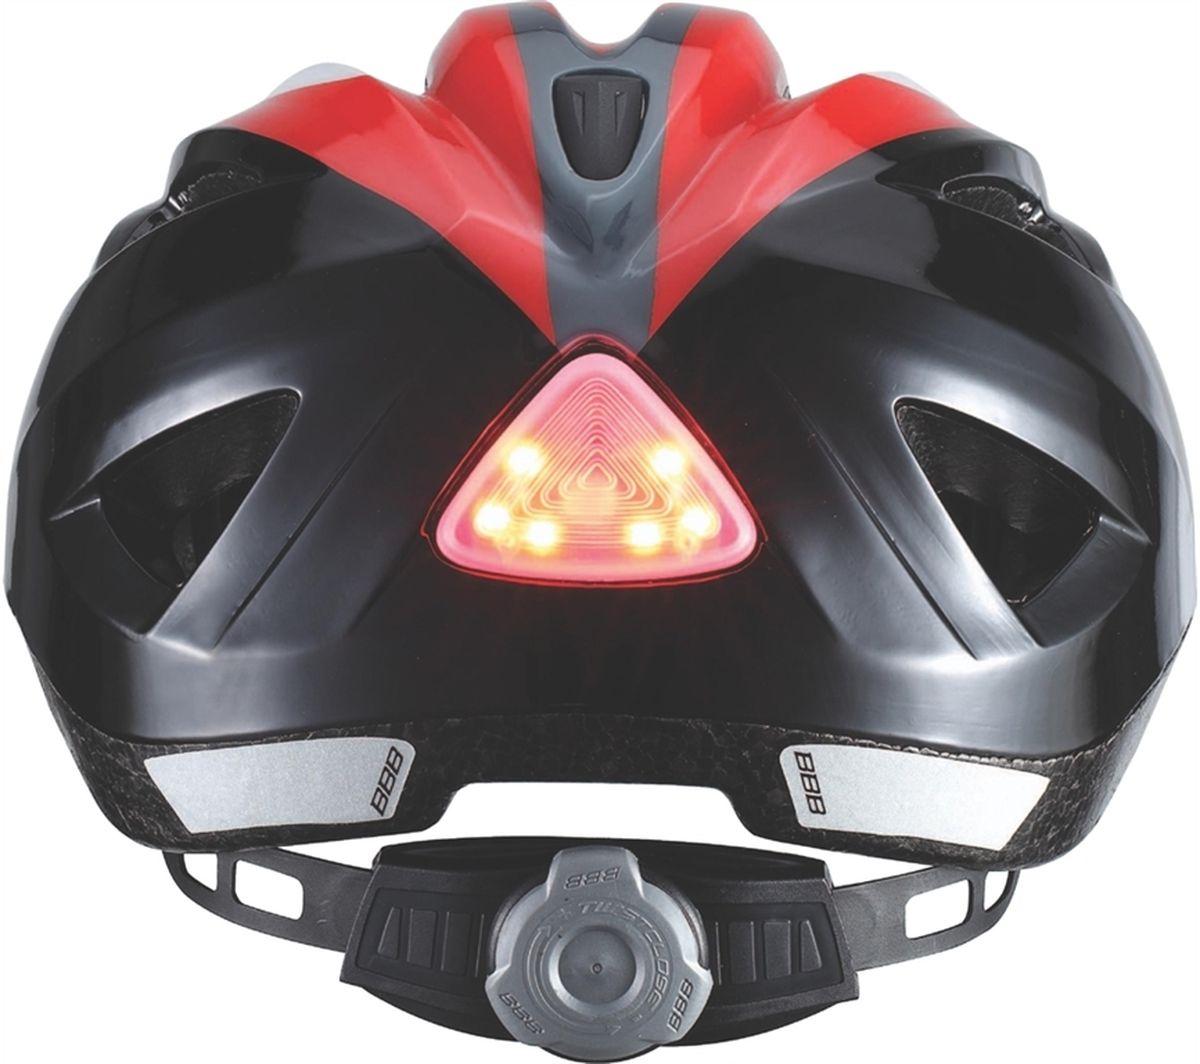 """Безопасность превыше всего - девиз BBB """"Hero"""". 11 вентиляционных отверстий обеспечивают отличную вентиляцию. На затылке -   интегрированный светодиод с легко заменяемыми батарейками, чтобы ваши дети всегда были в полной безопасности.  Особенности:   Интегрированная конструкция.   11 вентиляционных отверстий.   Отверстия для вентиляции в задней части шлема для оптимального распределения потоков воздуха.   Задний светодиодный габарит, включающийся нажатием.   Защитная сетка от насекомых в вентиляционных отверстиях.   Настраиваемые ремешки для максимально комфортной посадки.   Простая в использовании система настройки TwistClose, можно настроить шлем одной рукой.   Съемные мягкие накладки с антибактериальными свойствами и возможностью стирки.   Светоотражающие наклейки на задней части шлема.    Обхват головы: 51-55 см.      Гид по велоаксессуарам. Статья OZON Гид"""